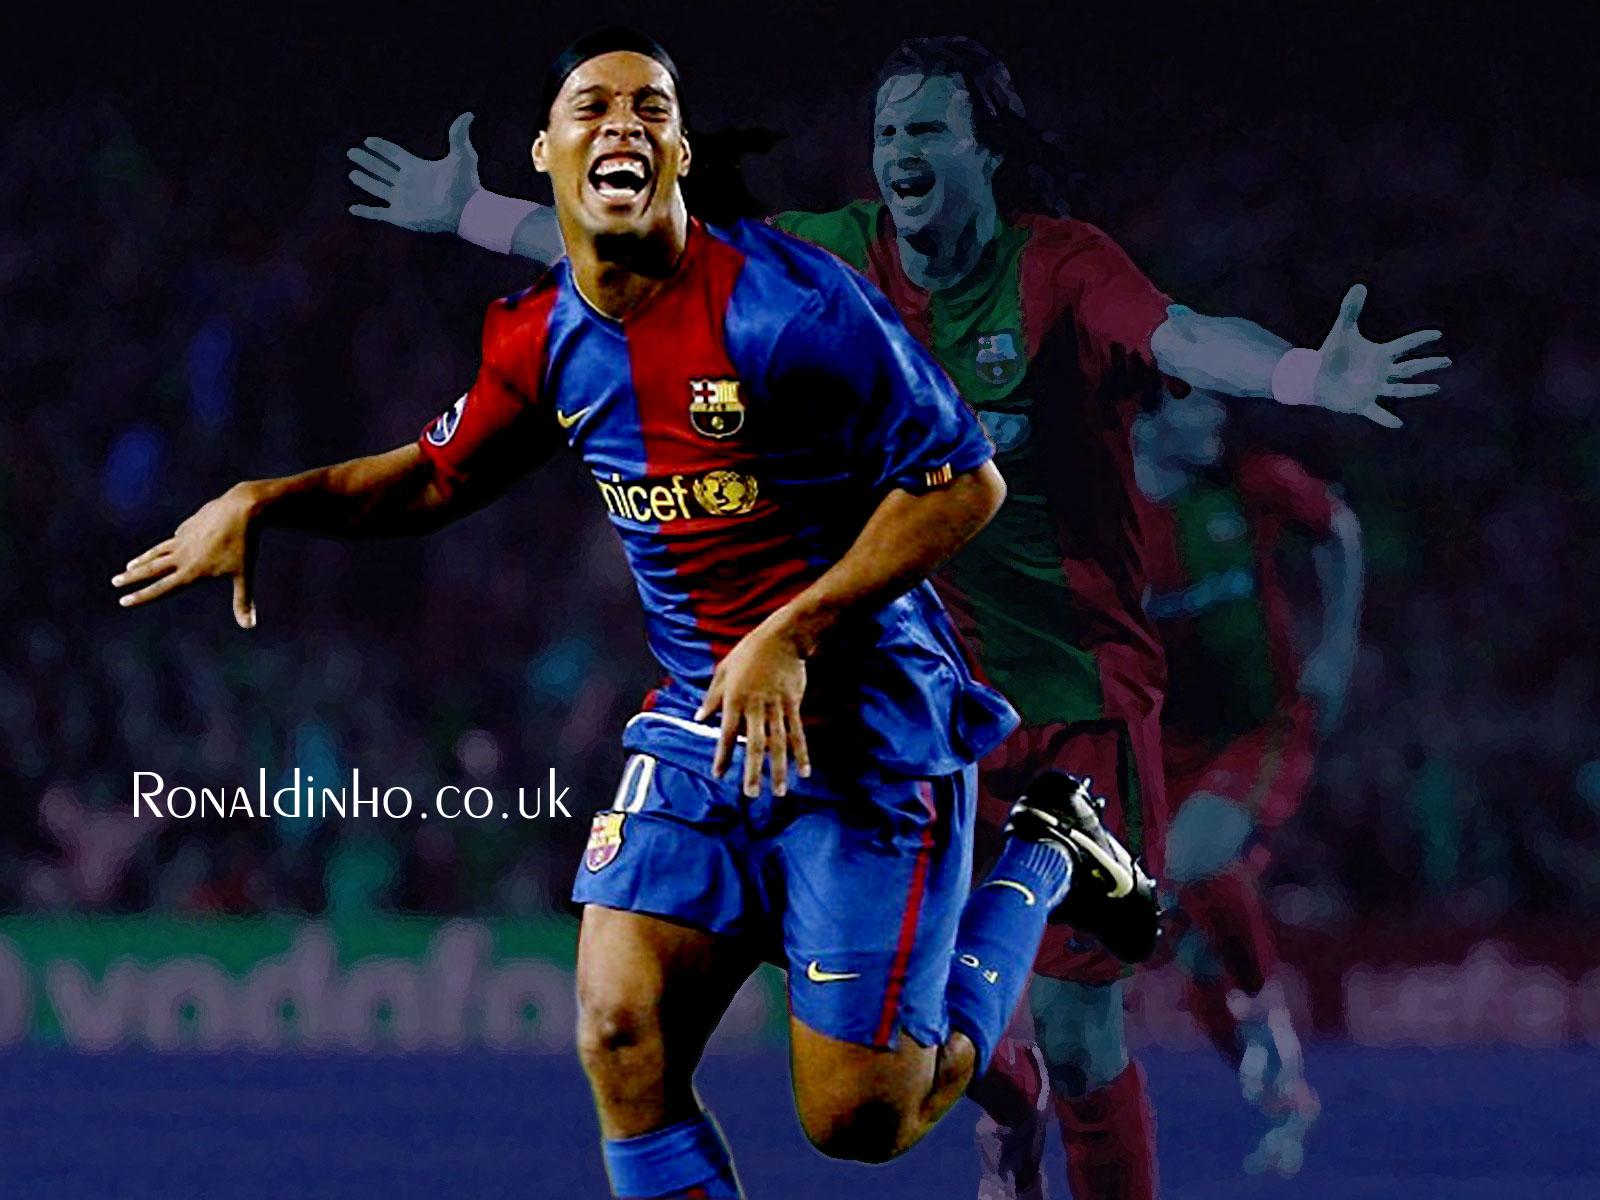 Ronaldinho Football Sport Desktop Photos: The Football Player Of Atletico Mineiro Ronaldinho Is